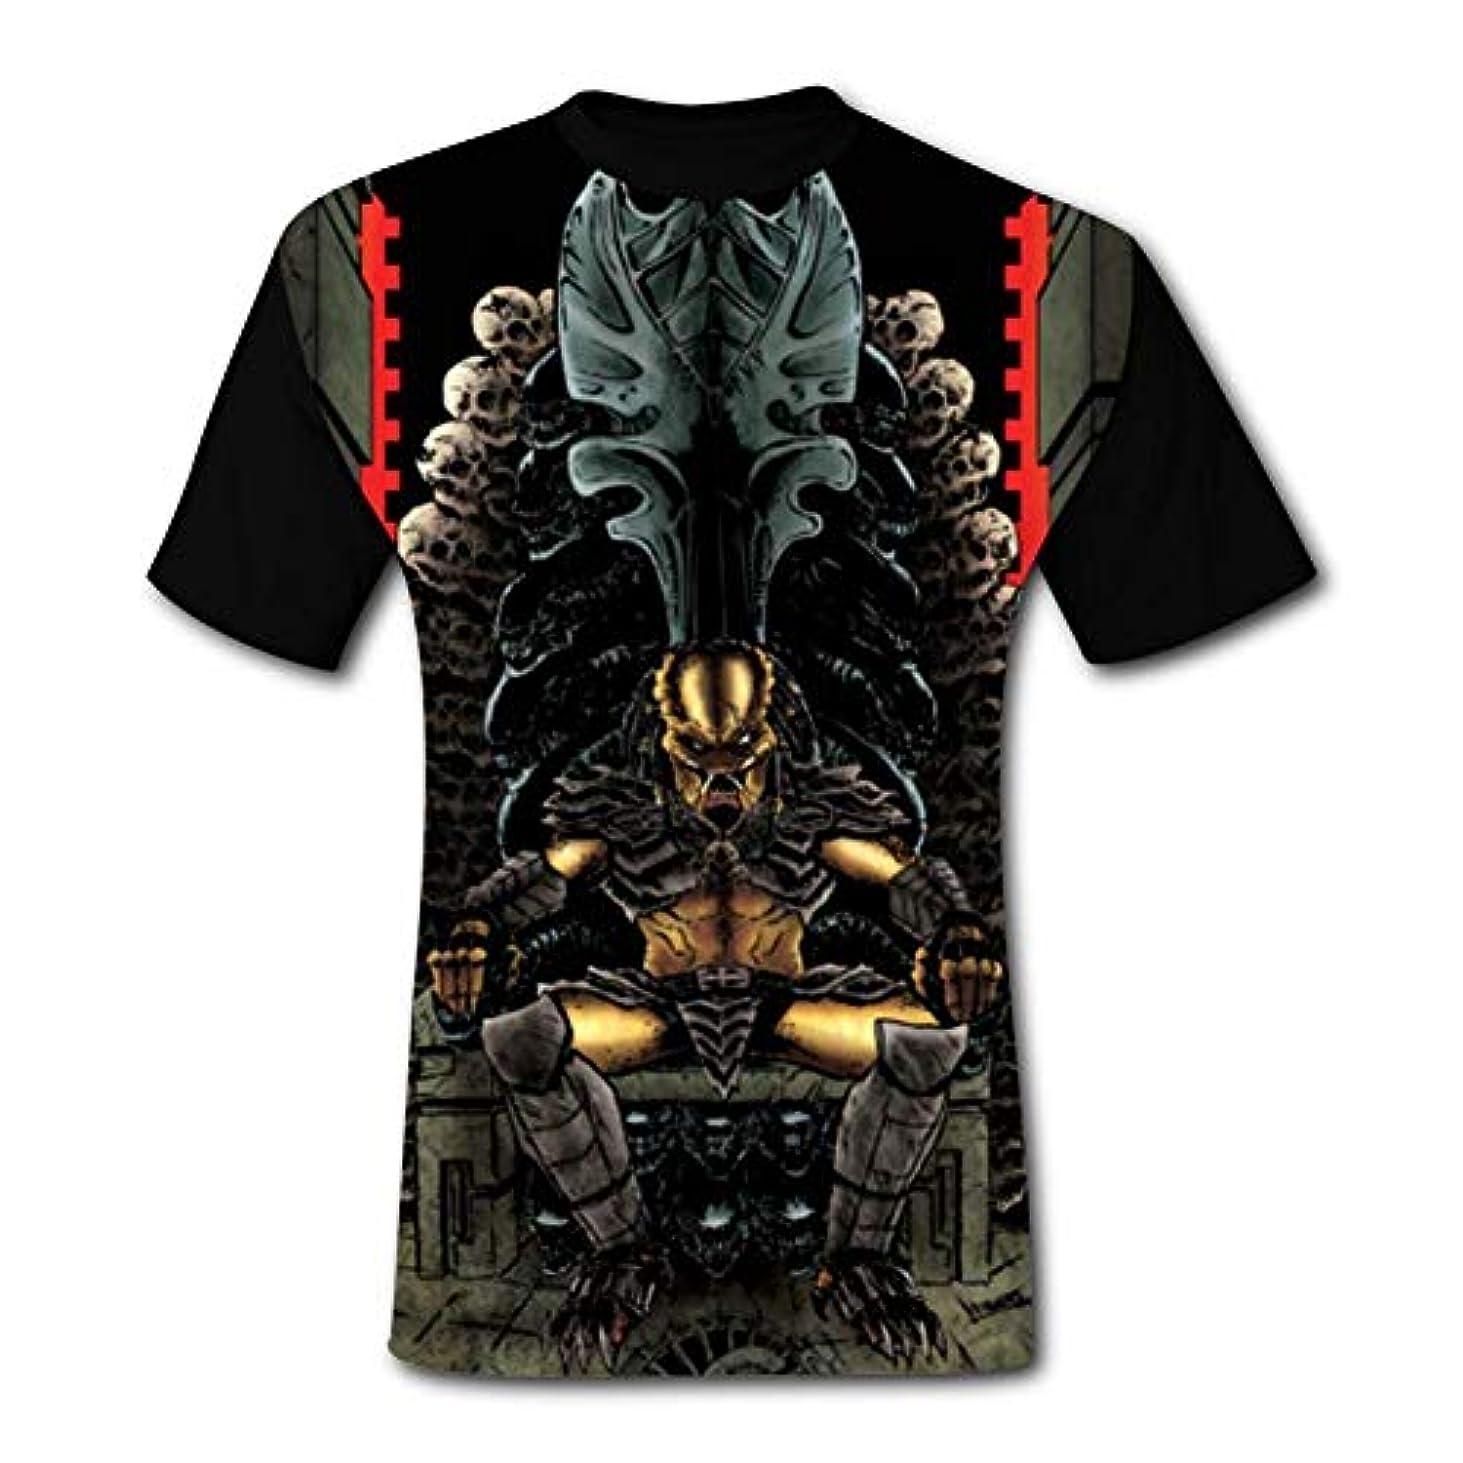 パウダーパウダー男の半袖円襟Tシャツファッションカジュアルな夏プリント 捕食者王座